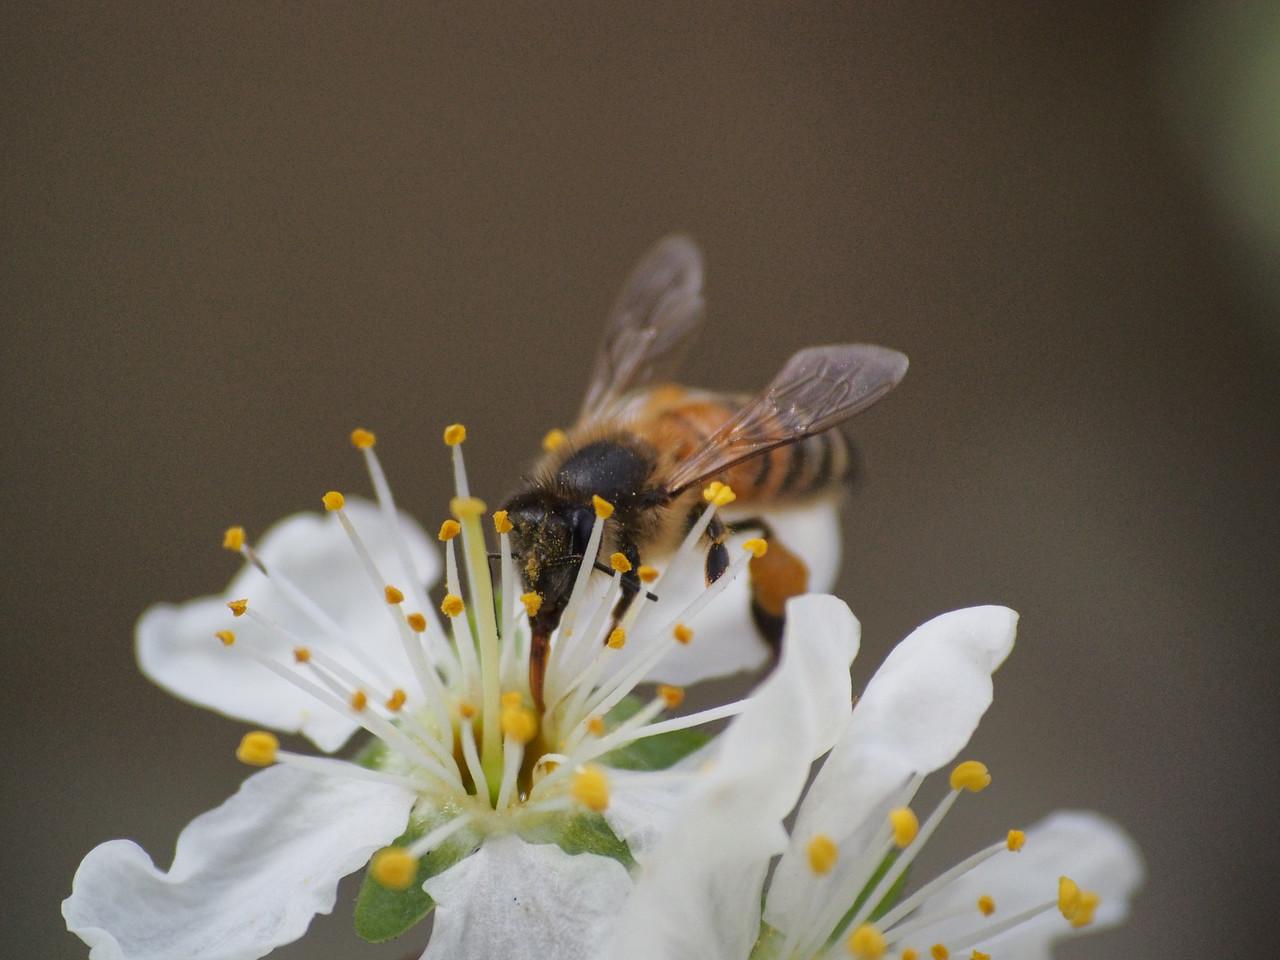 20130907_1311_1305 plum blossom bee